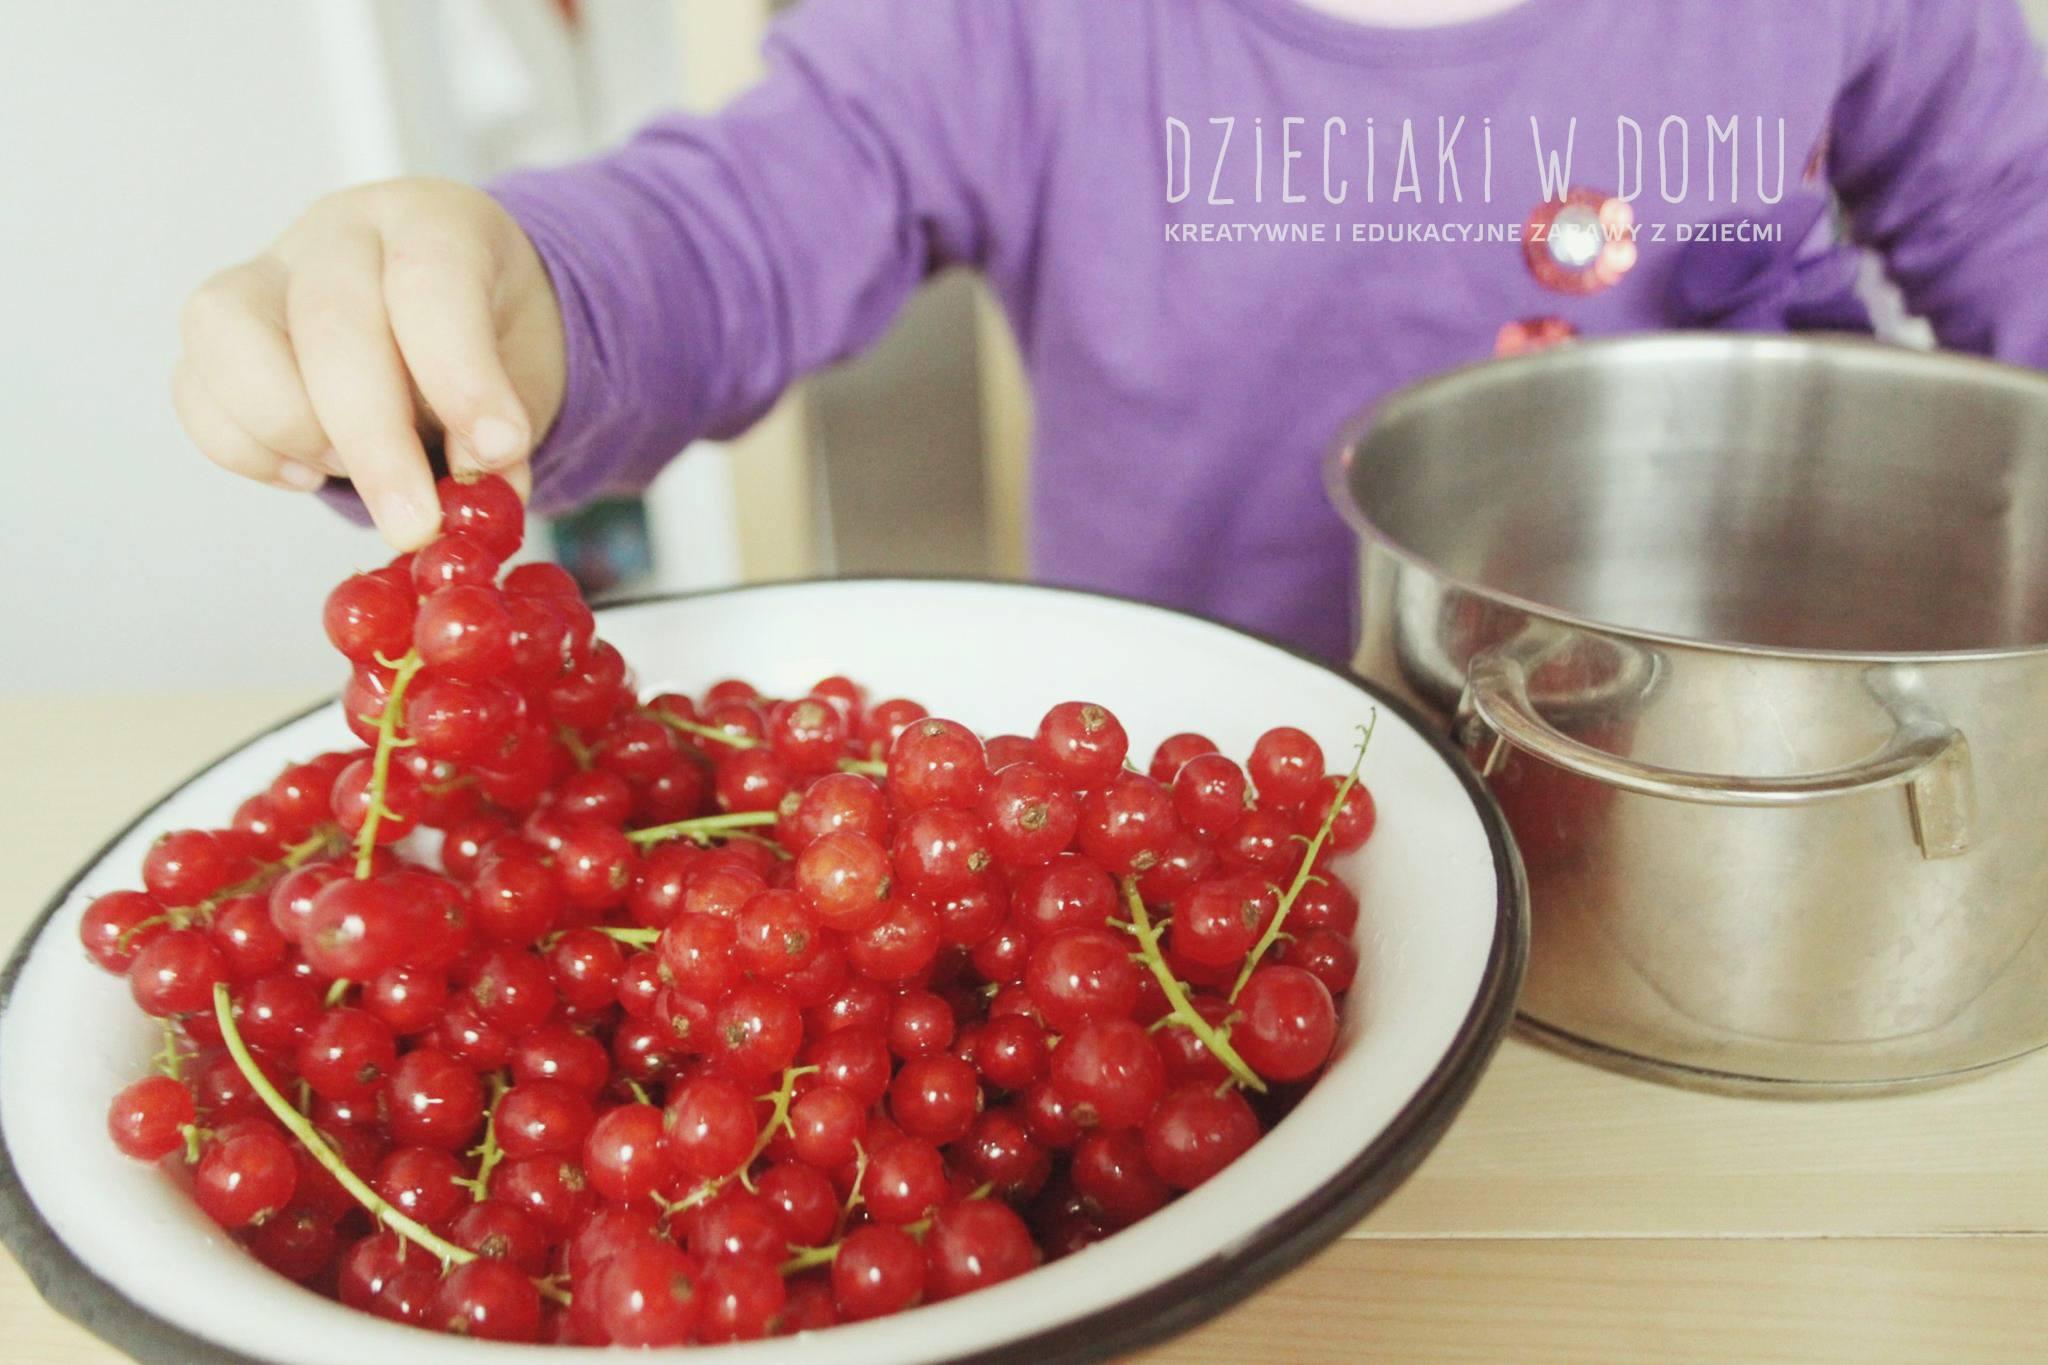 Robimy porzeczkowy kompot - wspólny czas z dzieckiem w kuchni